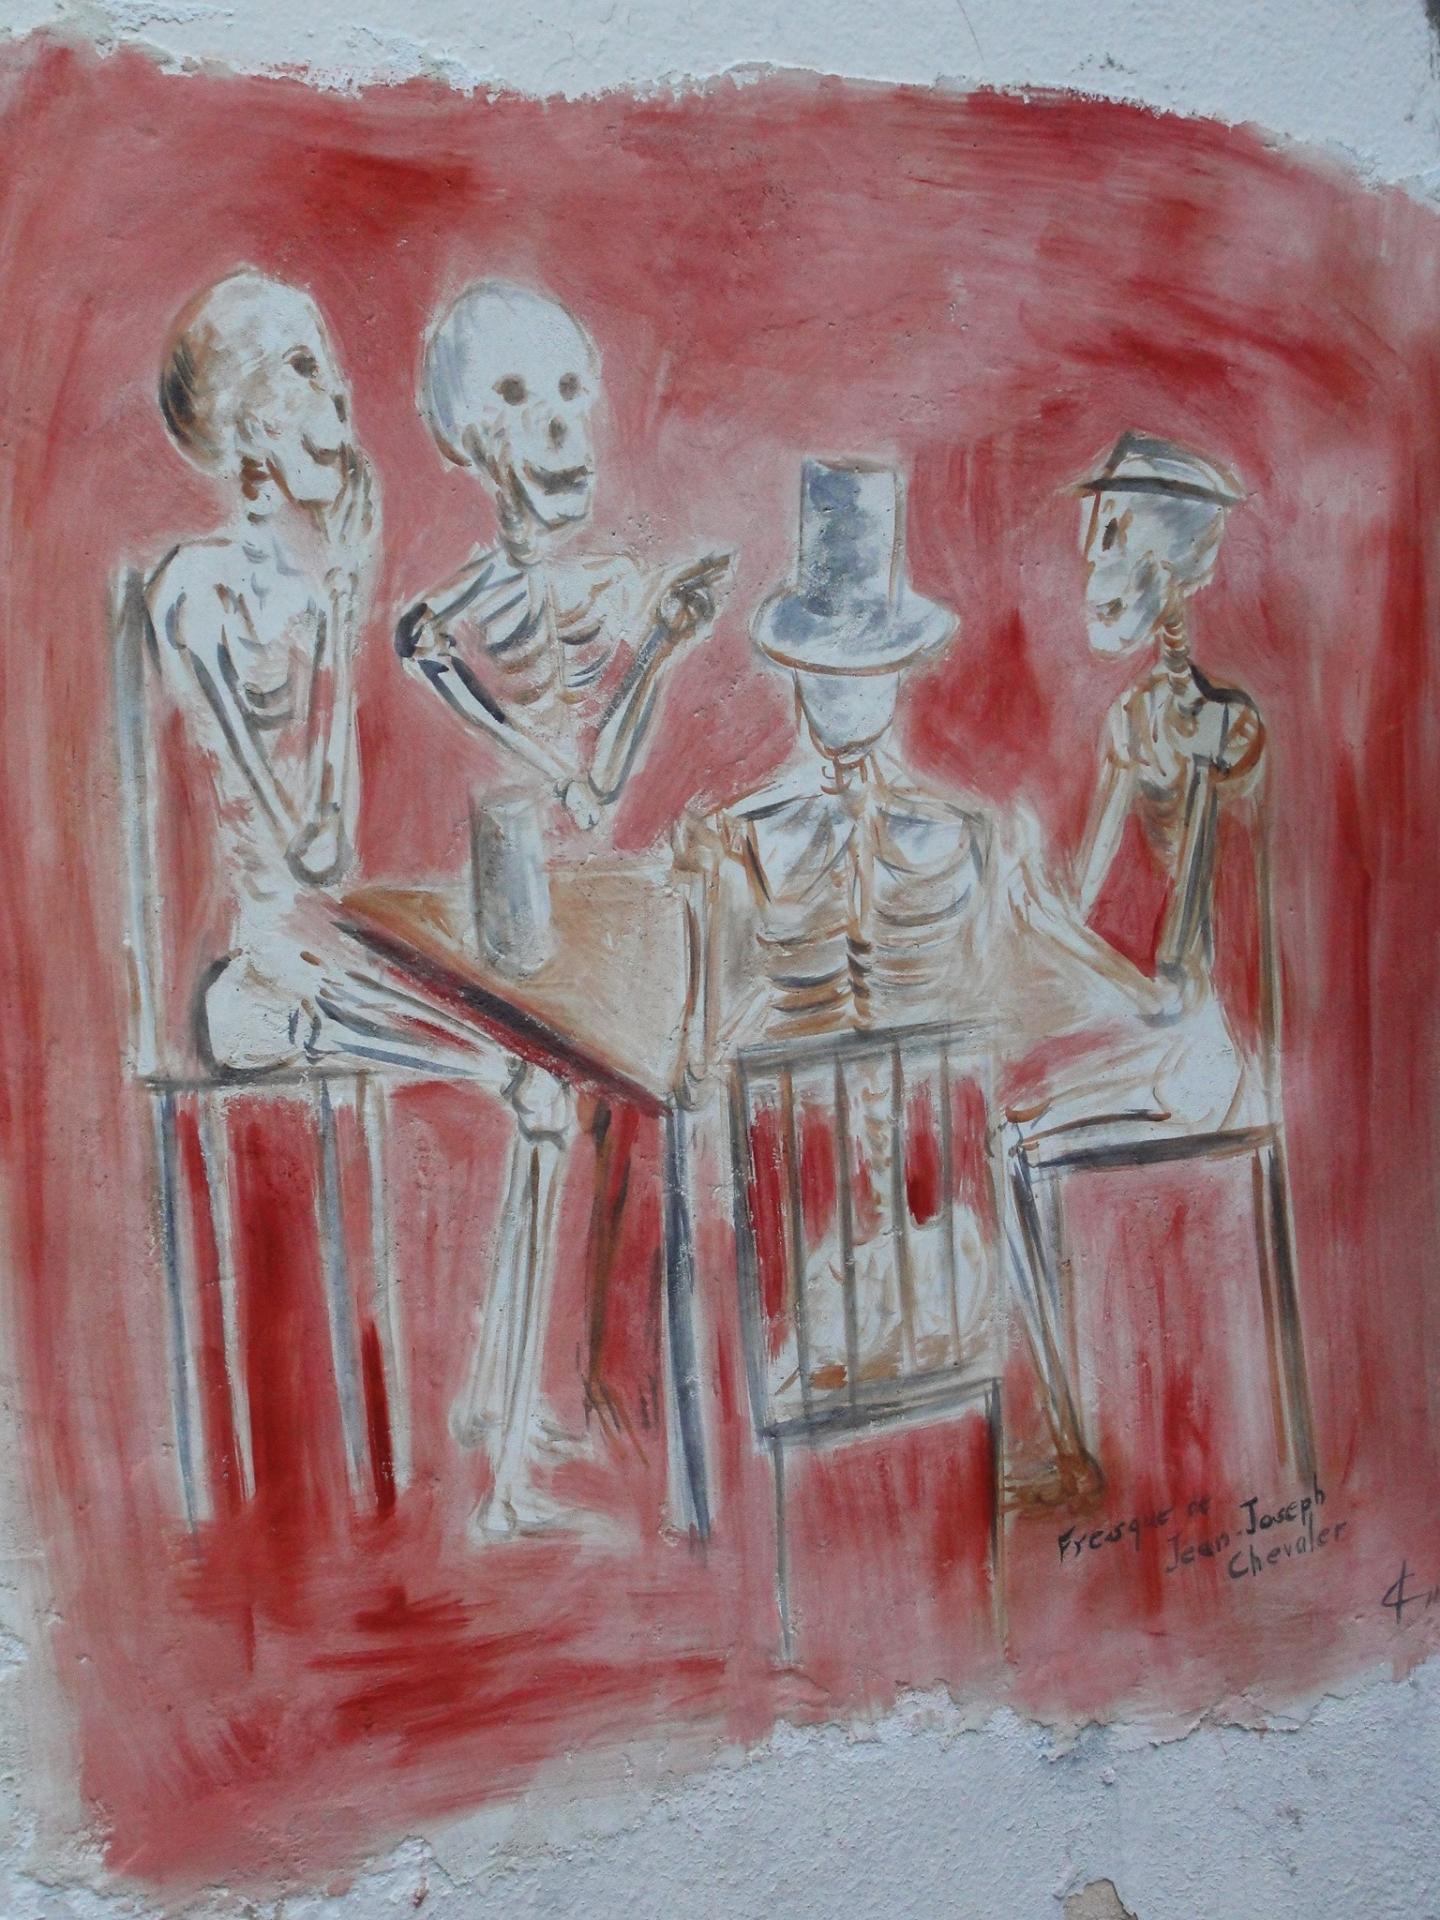 Fresque des vanites par jean joseph chevalier a brignoles 20